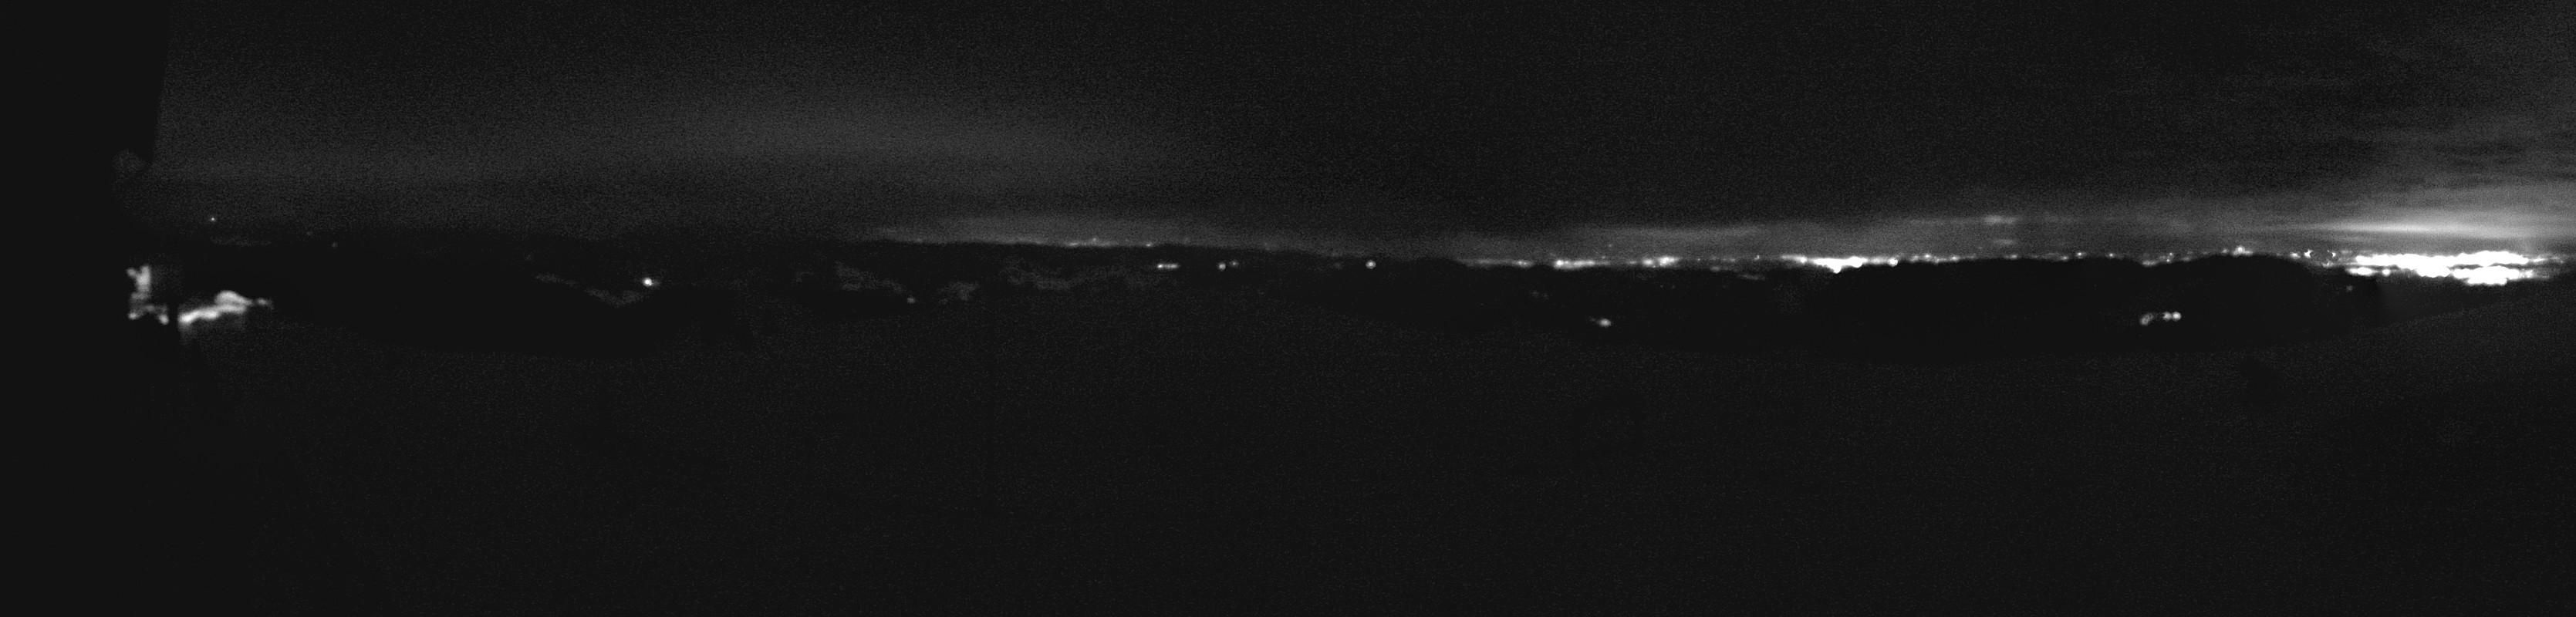 40h ago - 07:04